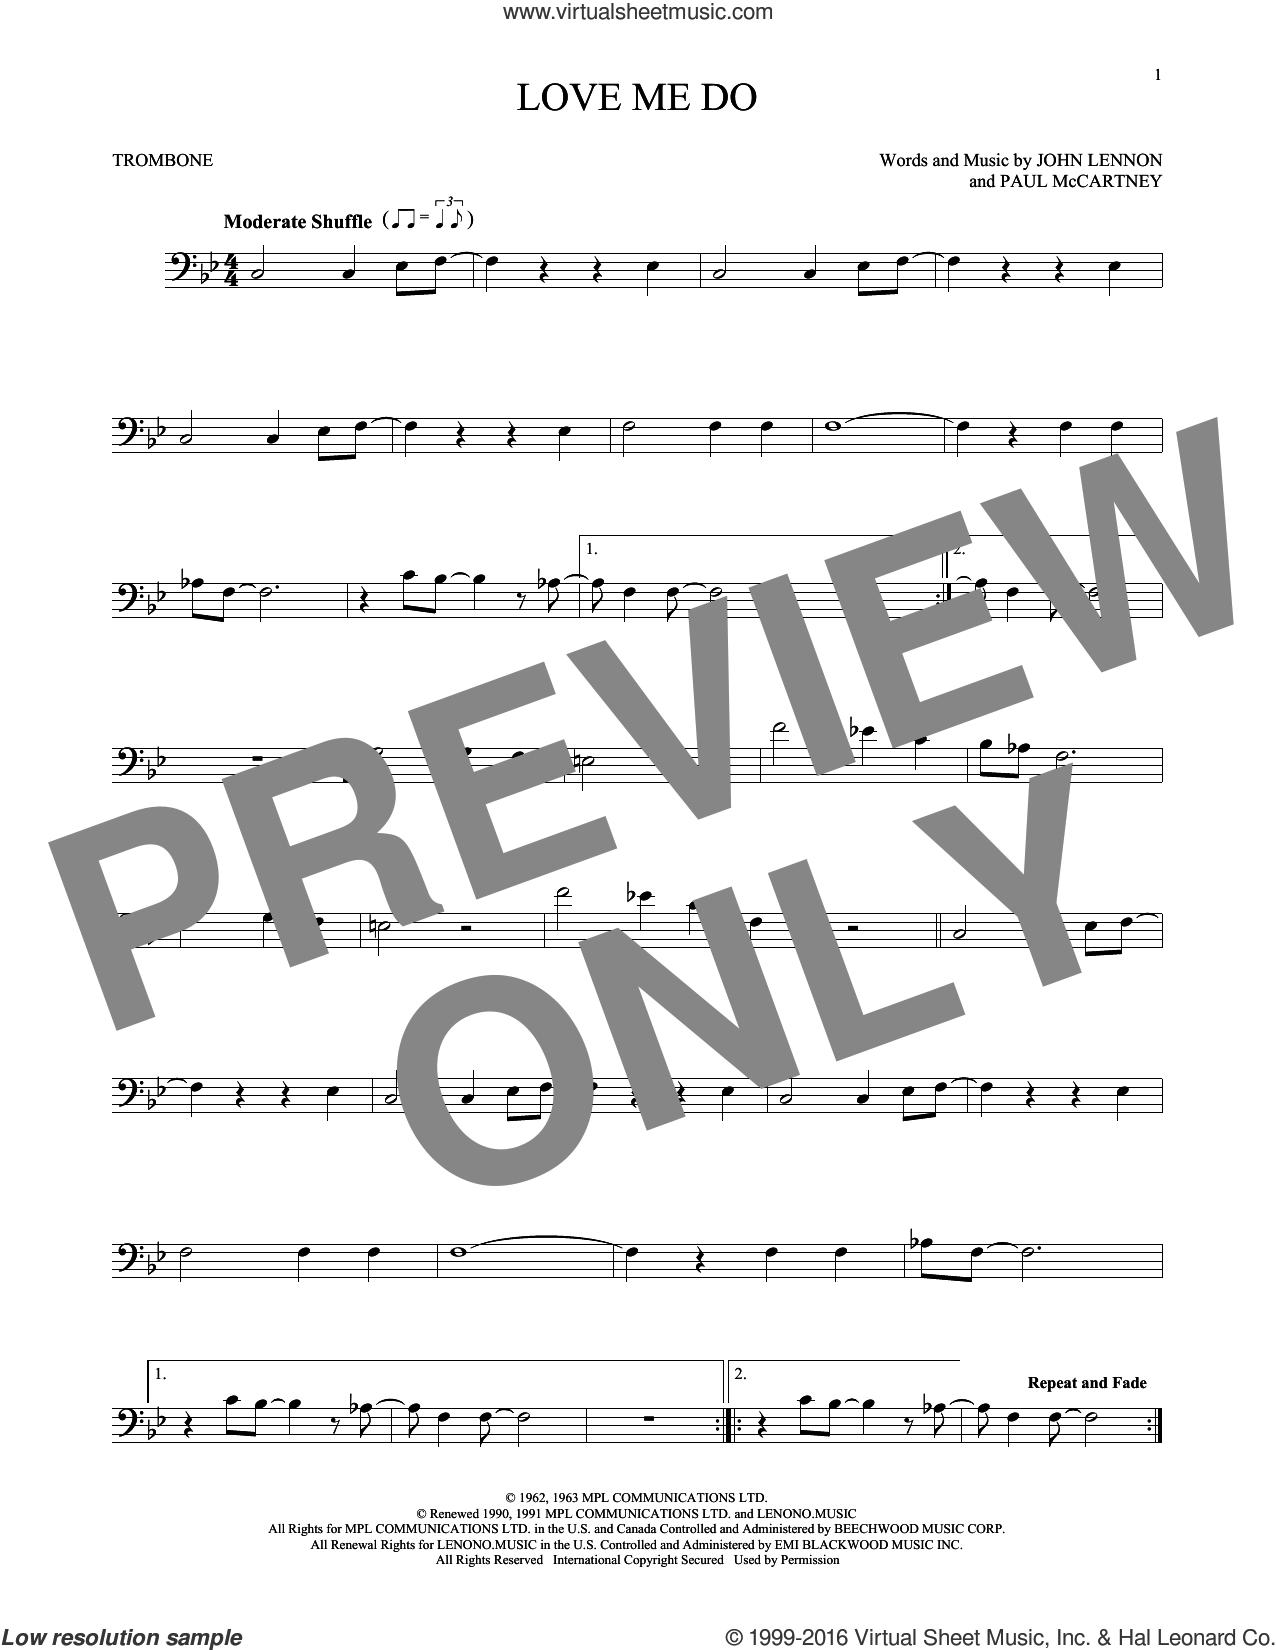 Love Me Do sheet music for trombone solo by The Beatles, John Lennon and Paul McCartney, intermediate skill level